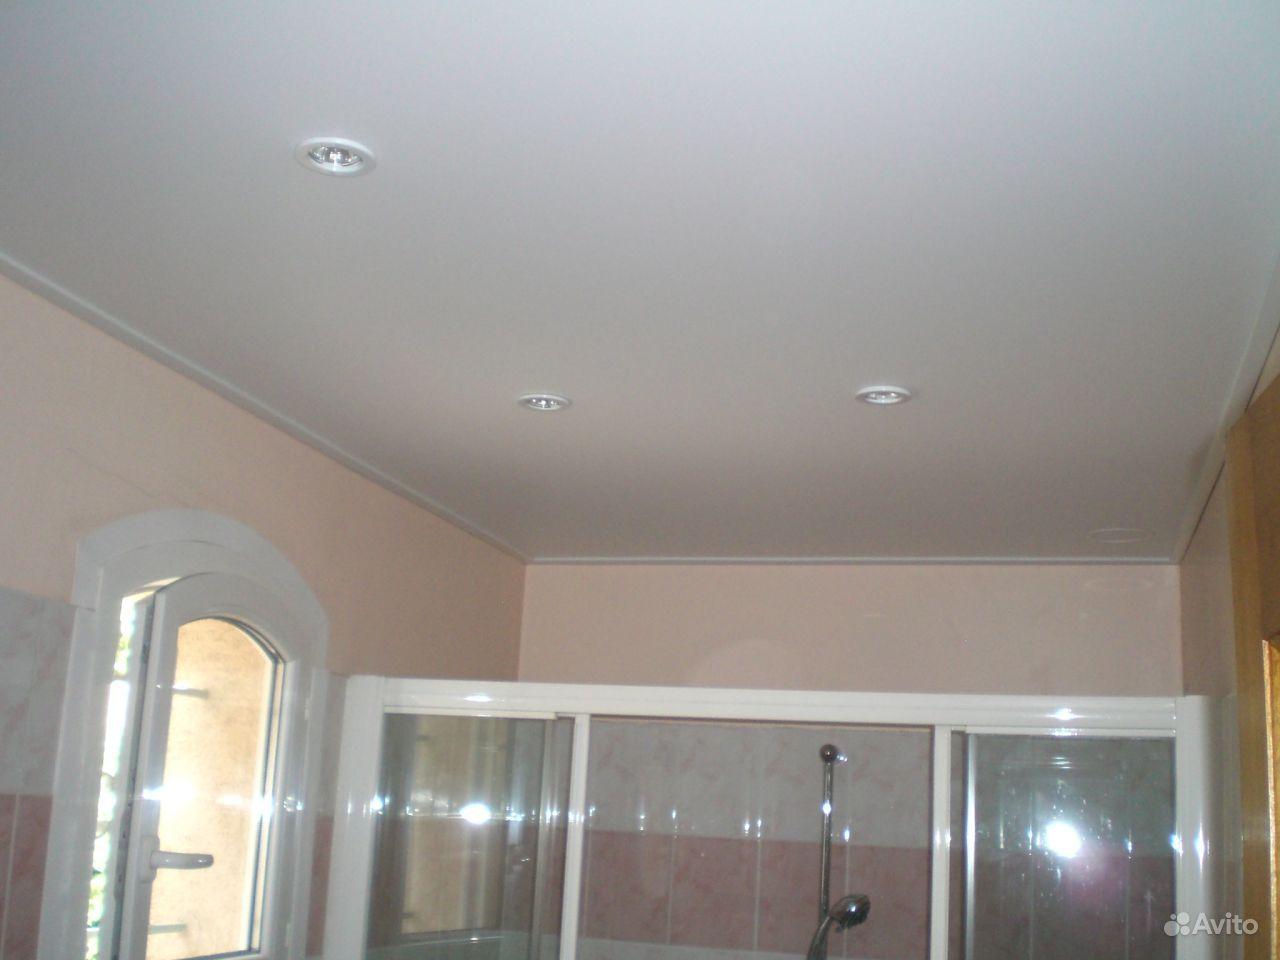 Comment poser du lambris au plafond saint etienne travaux prix au m2 peintu - Poser du lambris au plafond ...